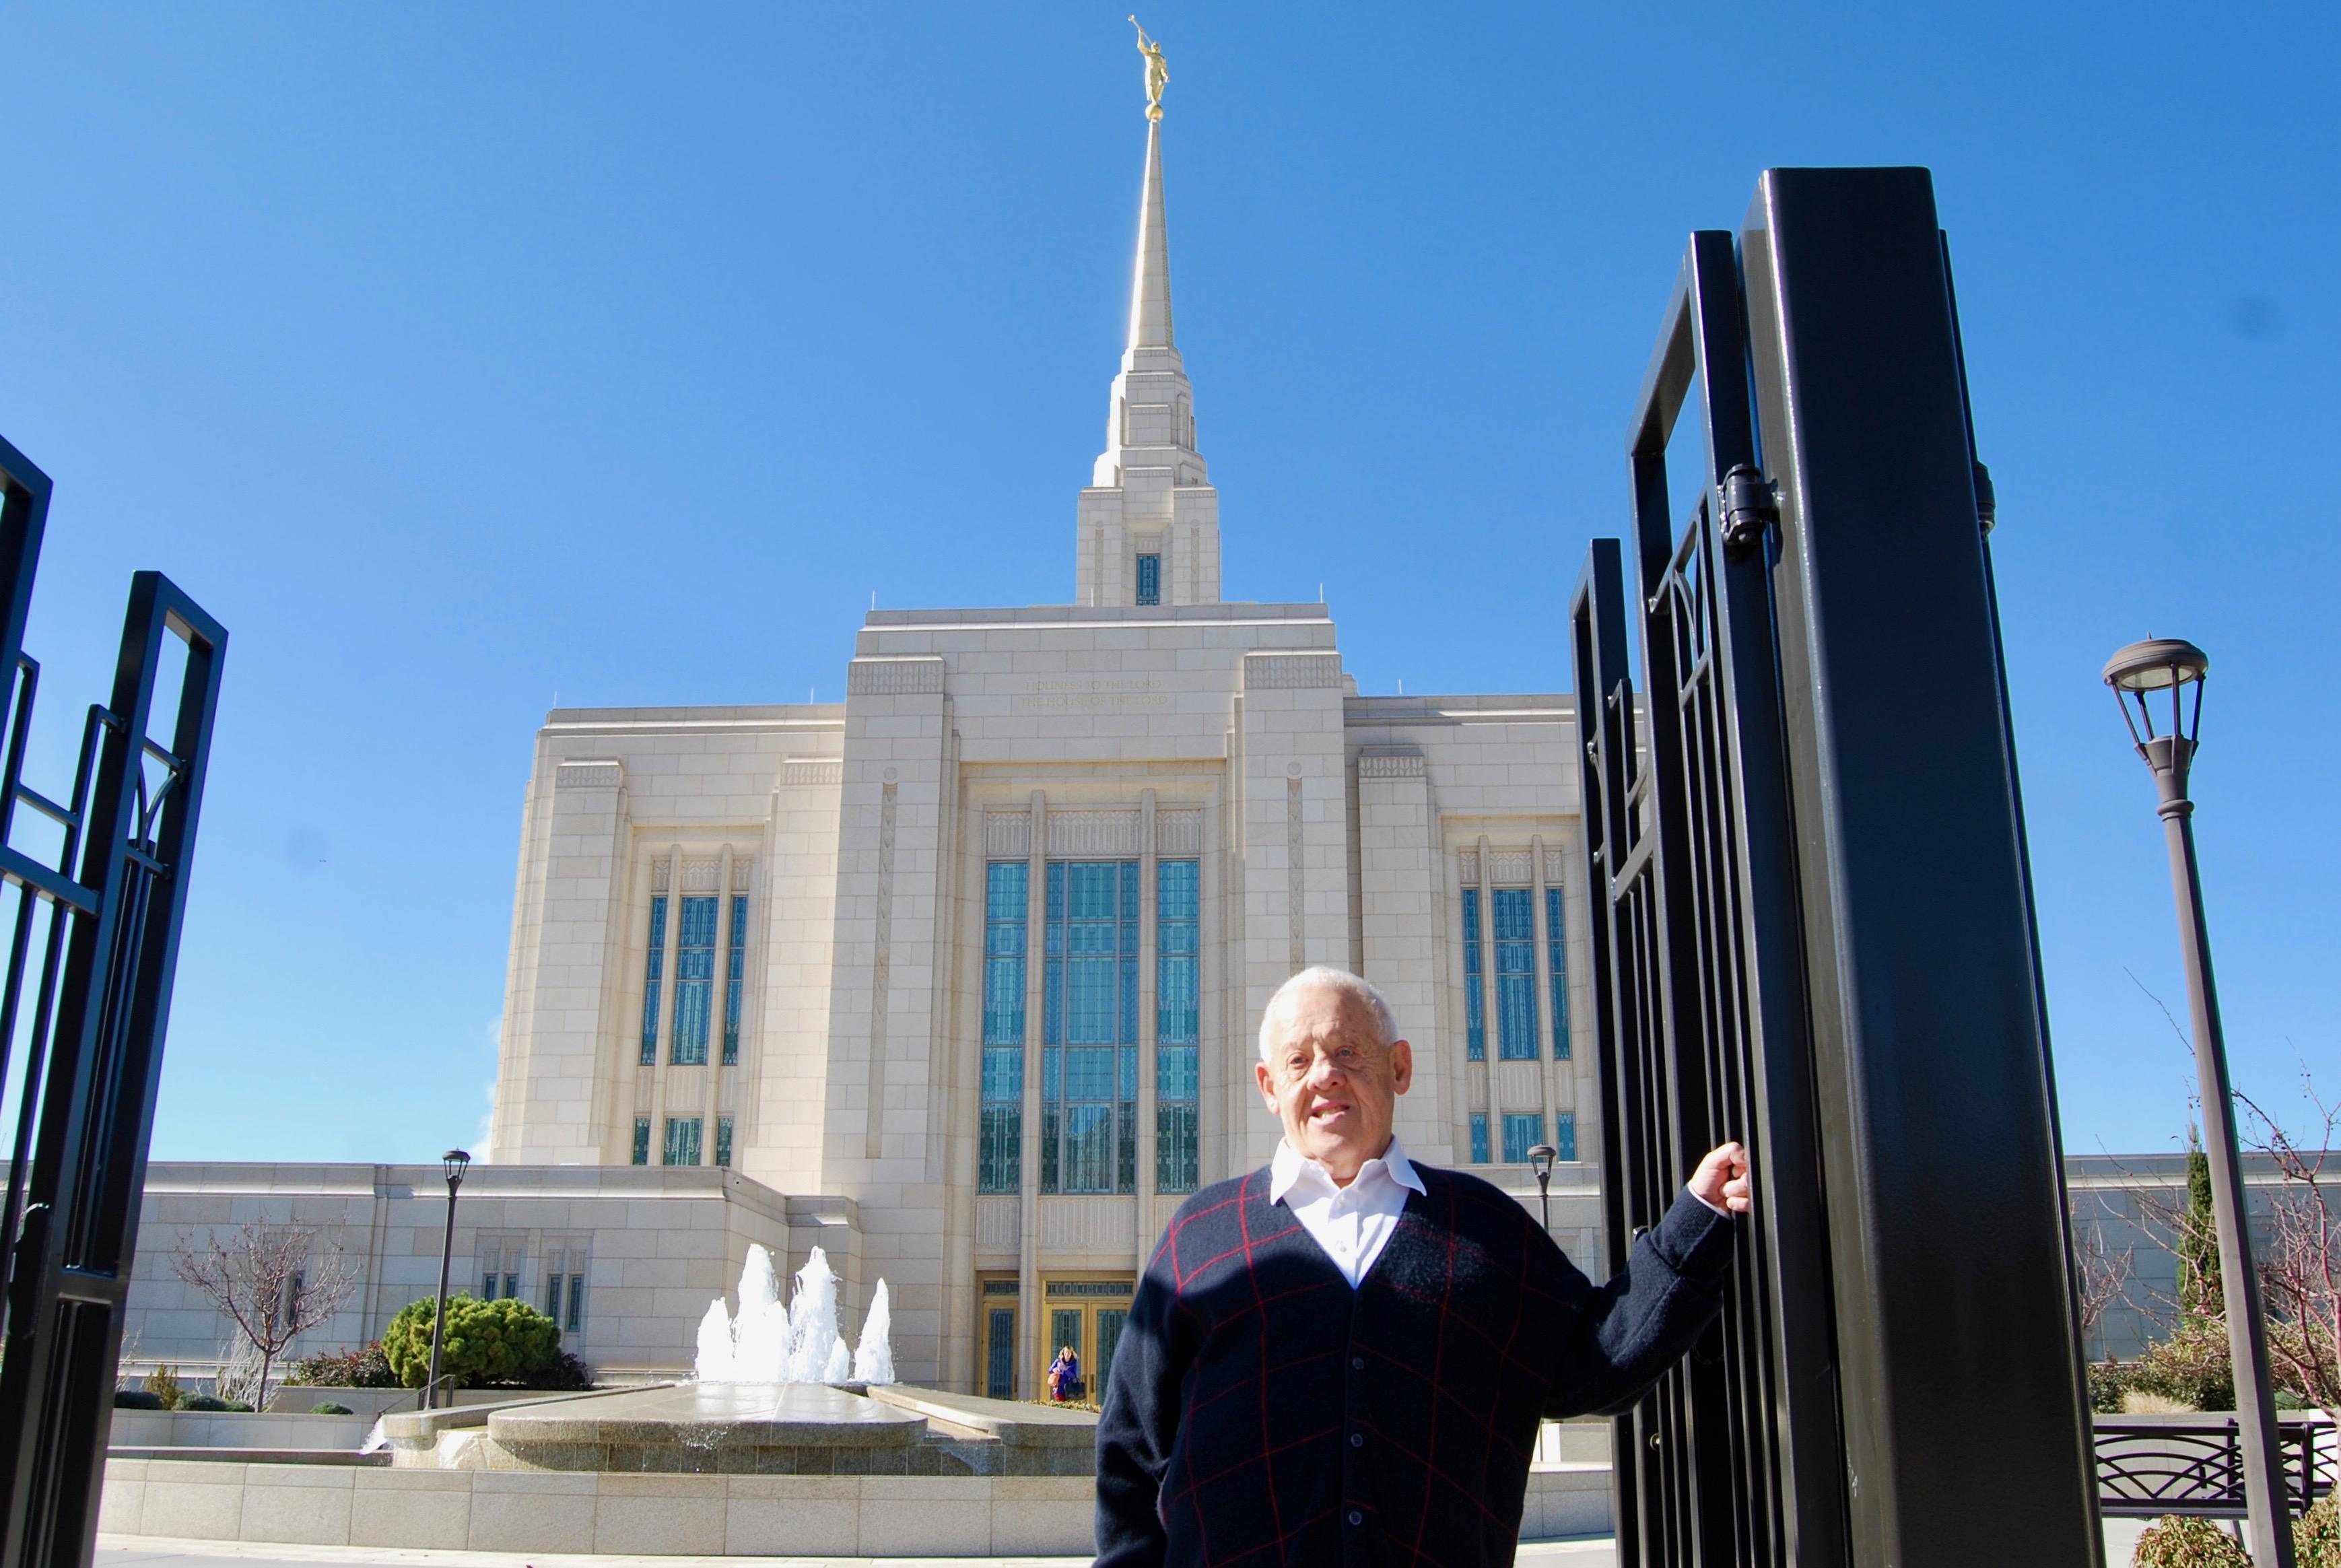 Dennis Preece en la puerta del Templo de Ogden Utah, el miércoles 30 de octubre de 2019.